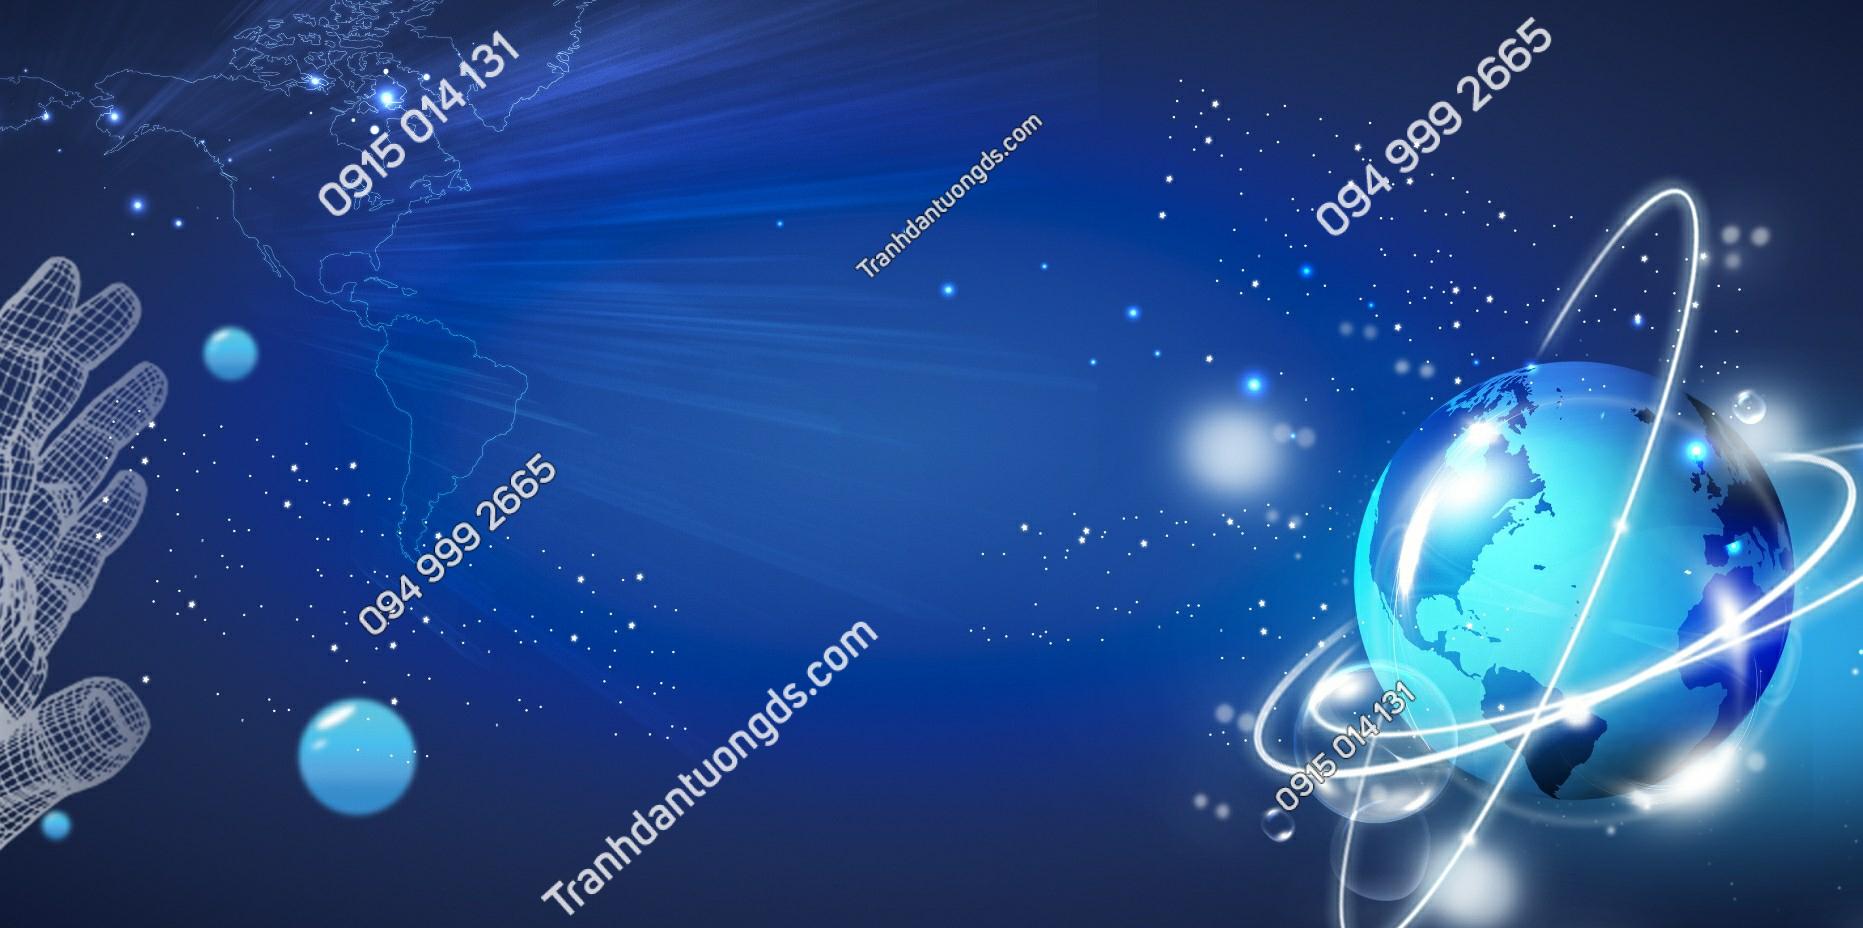 Tranh dán trần thiên hà - 11561 demo